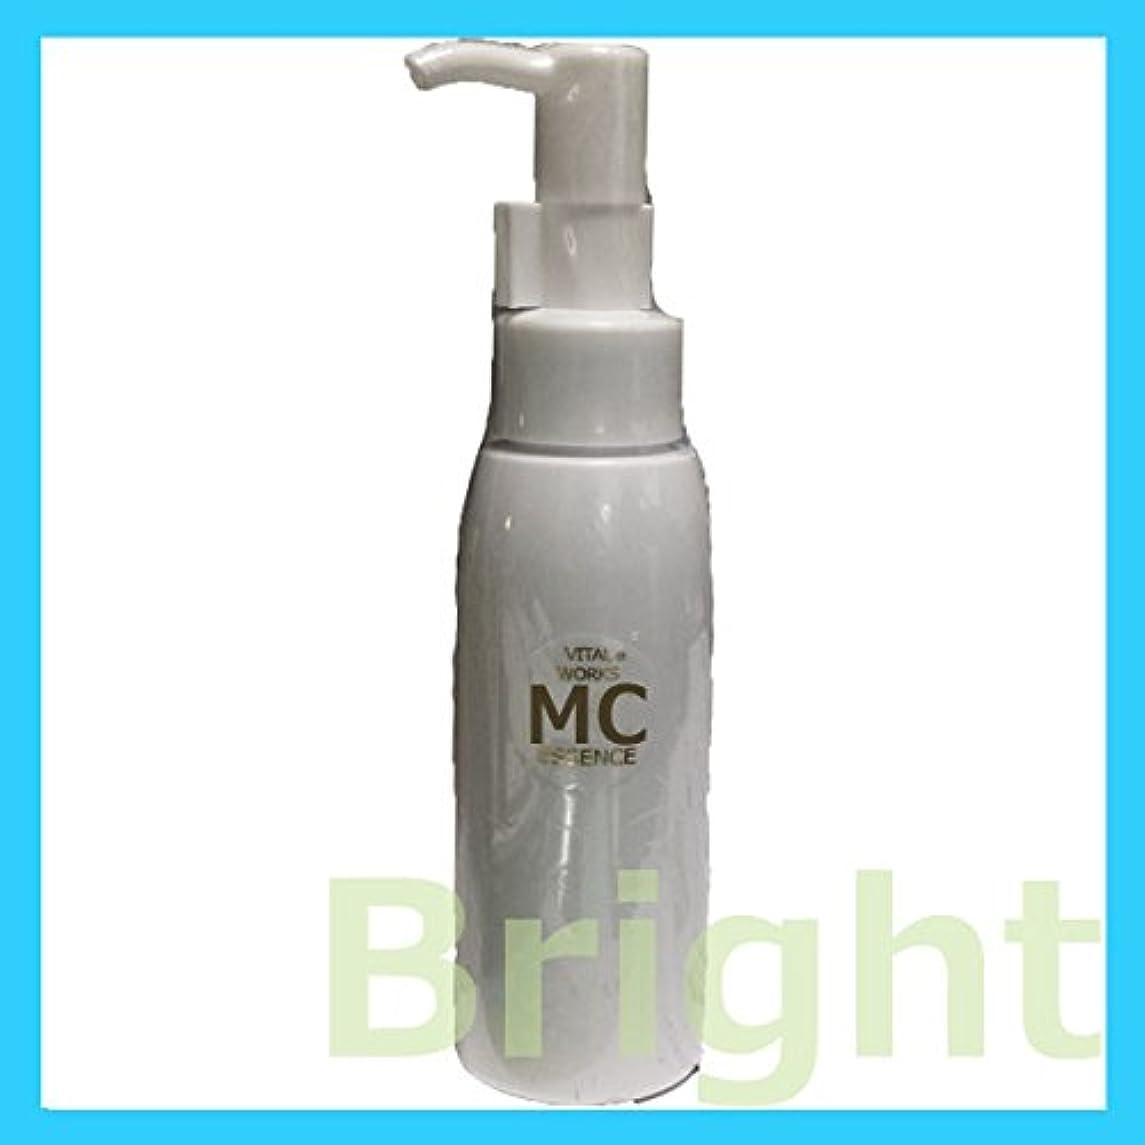 提案担保肯定的バイタルワークス MCエッセンス 業務用 100ml (ハリ?弾力) 高機能美容液